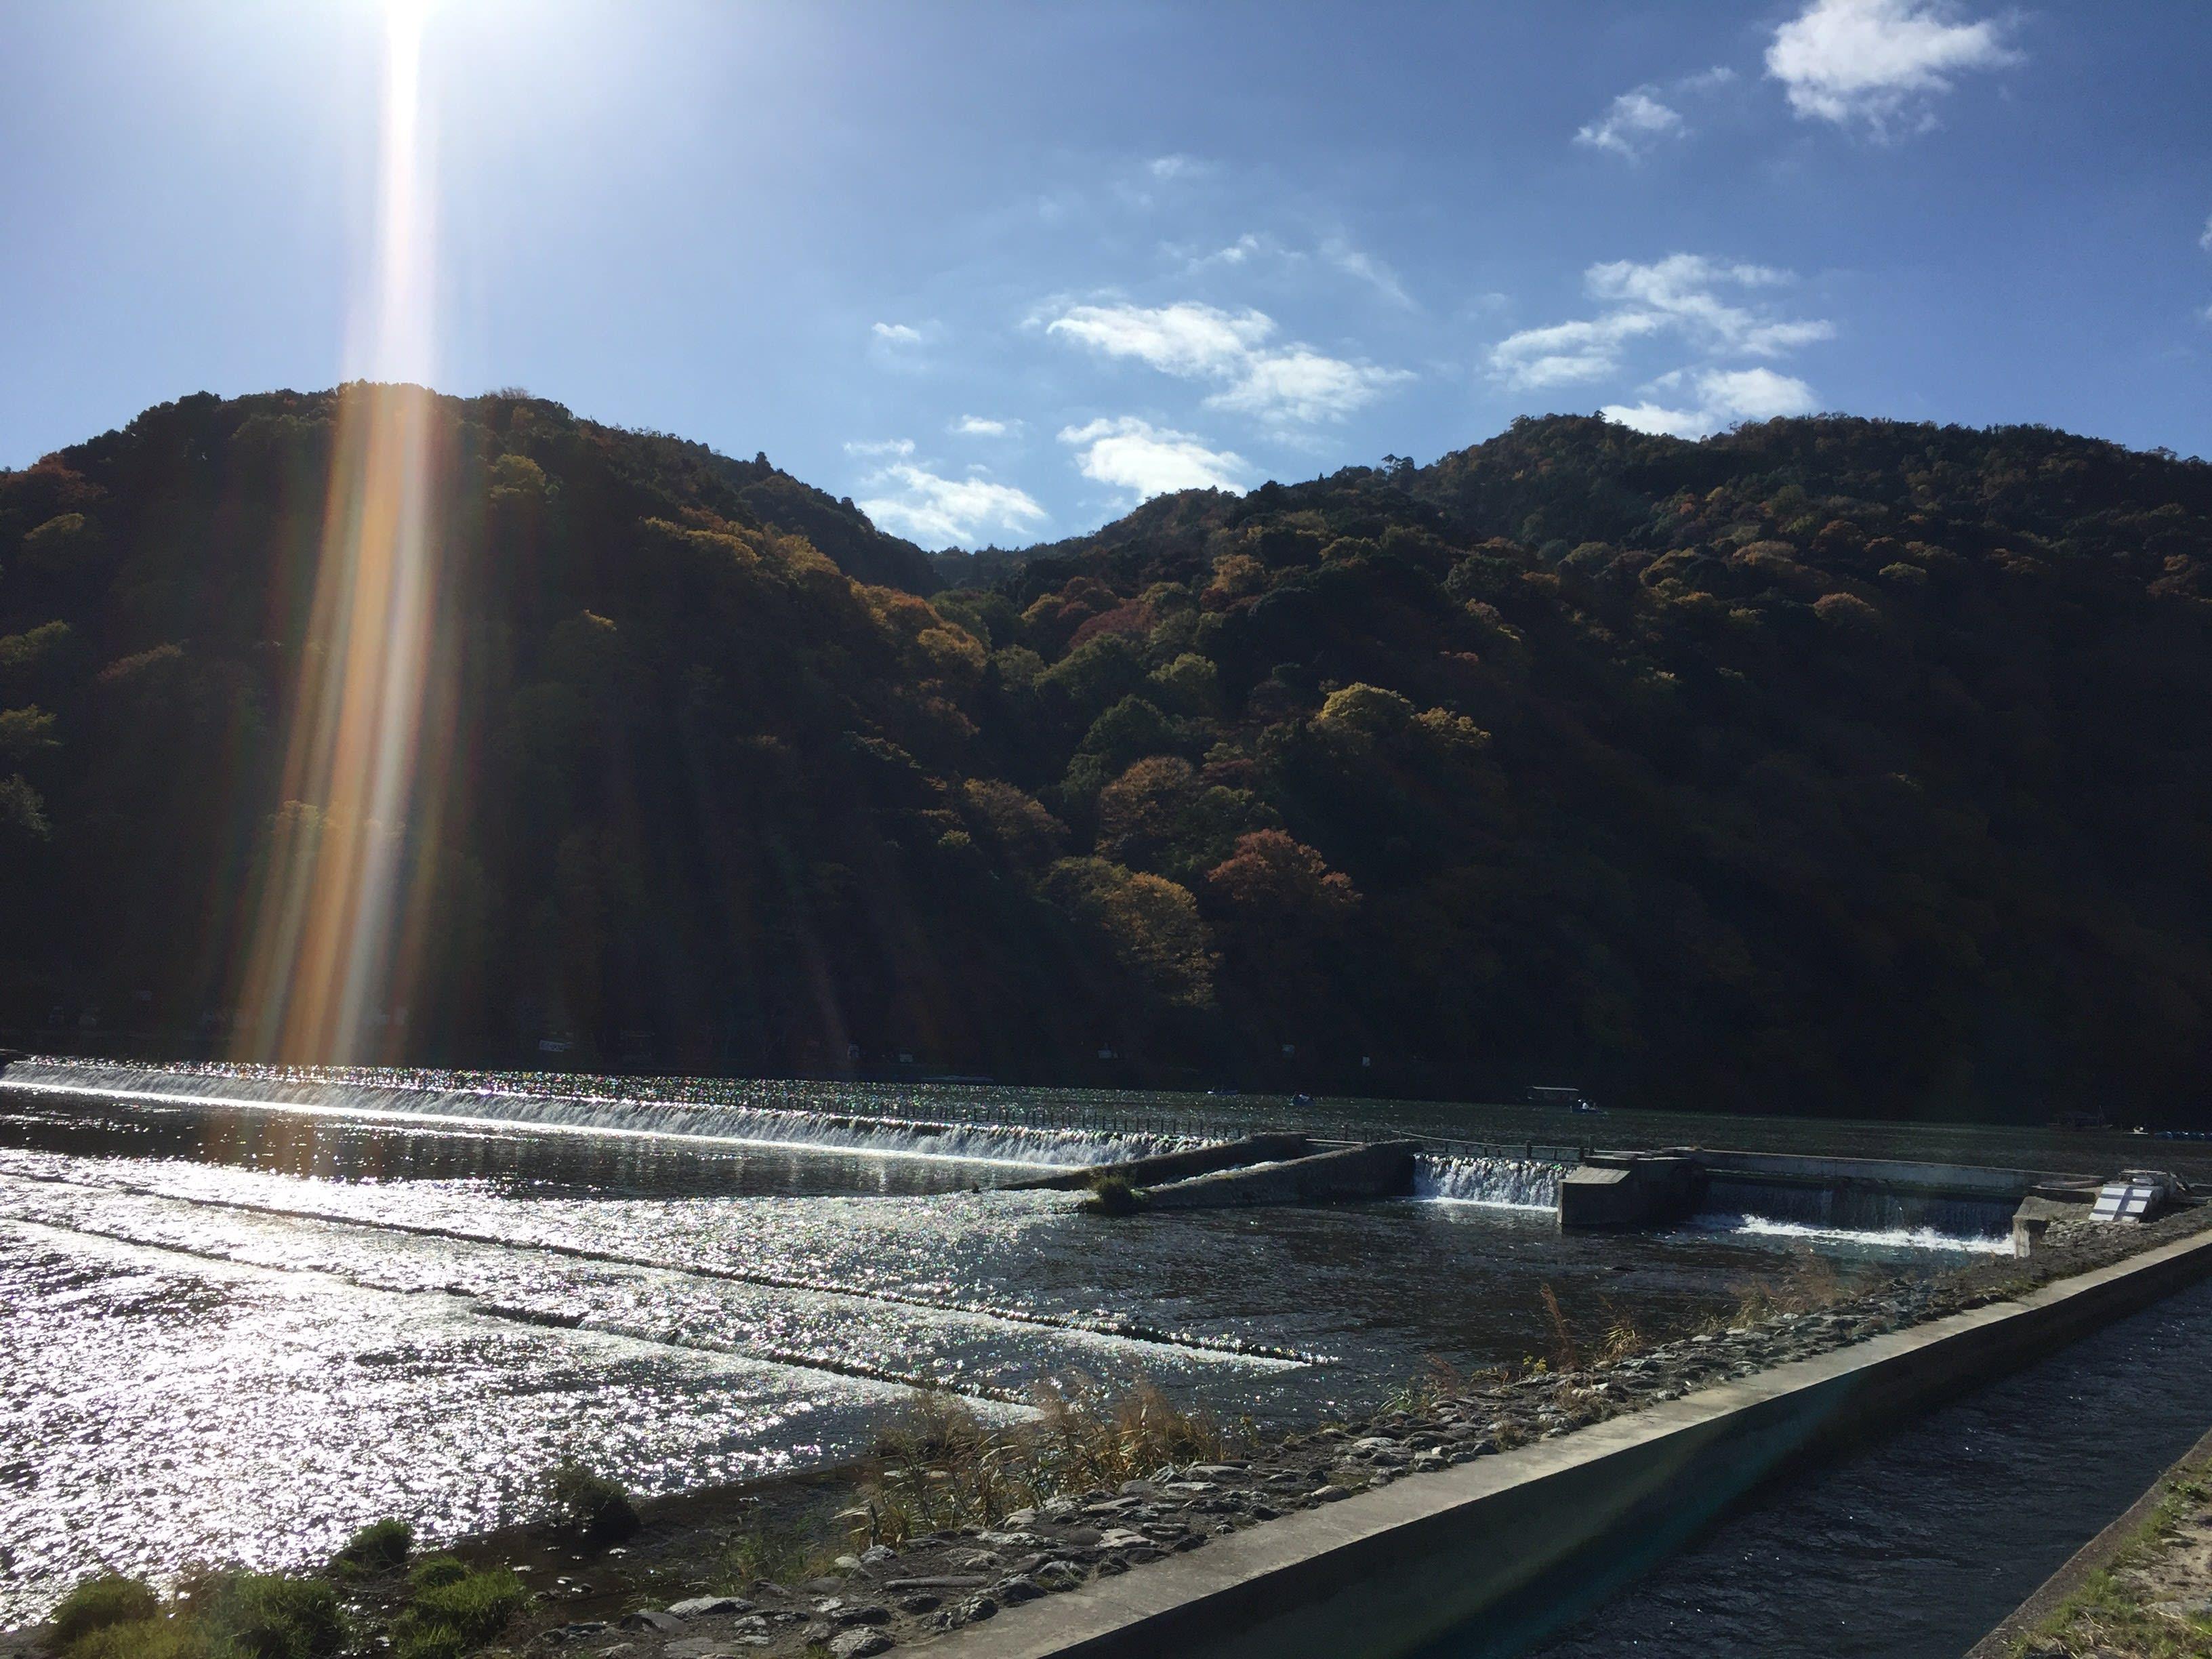 嵐 山 渡 月 橋 。